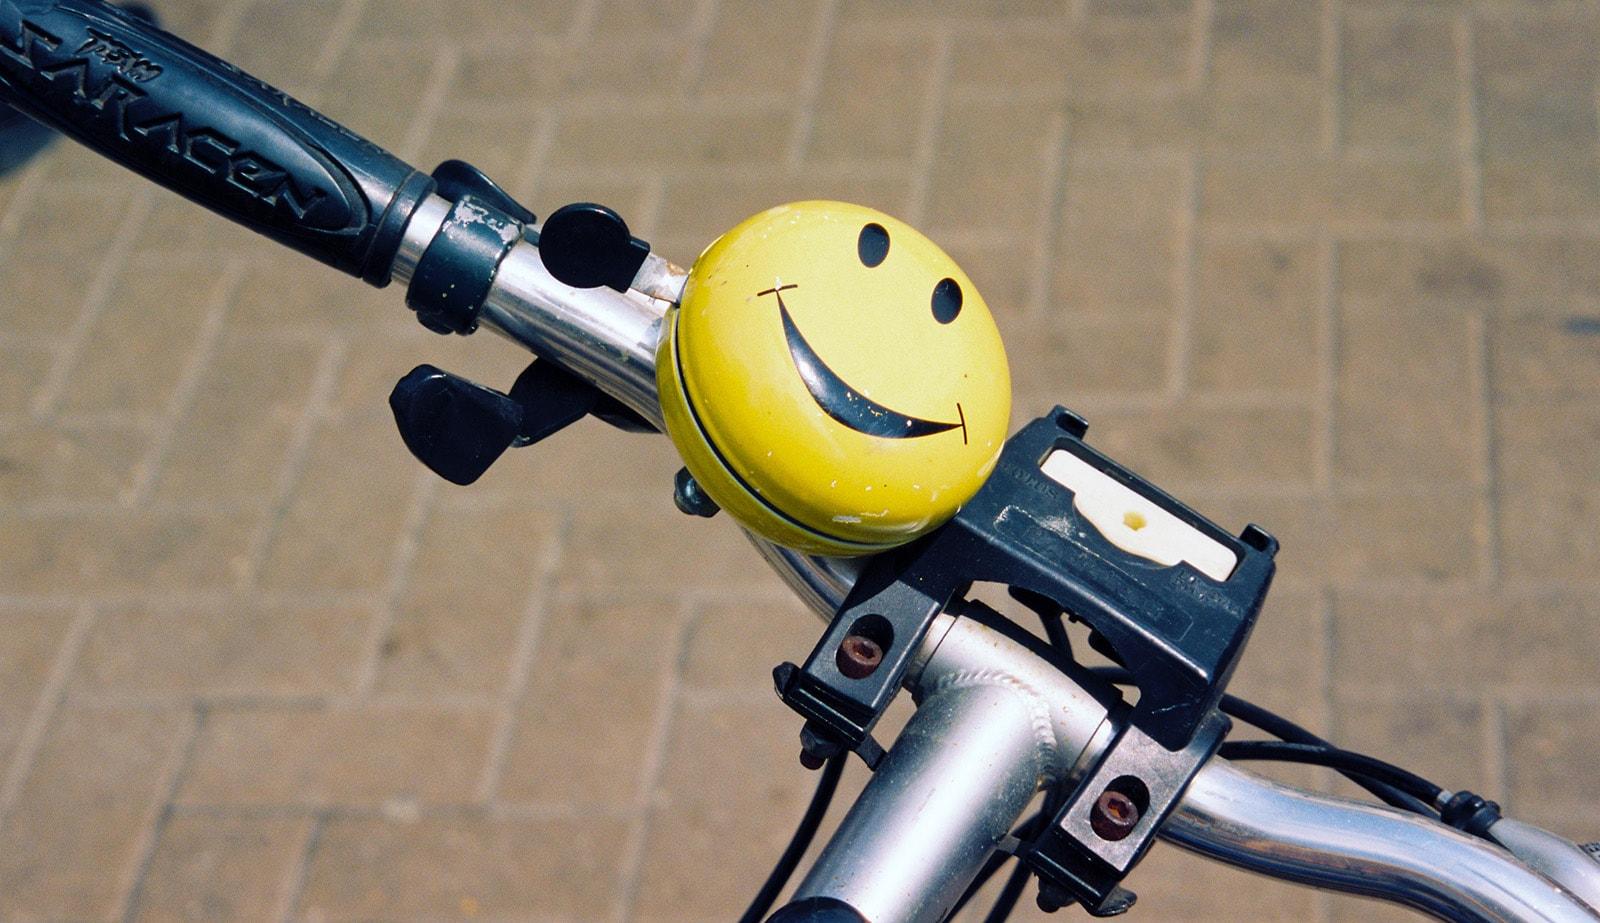 Fahrradversicherung Smiley auf Fahrradklingel